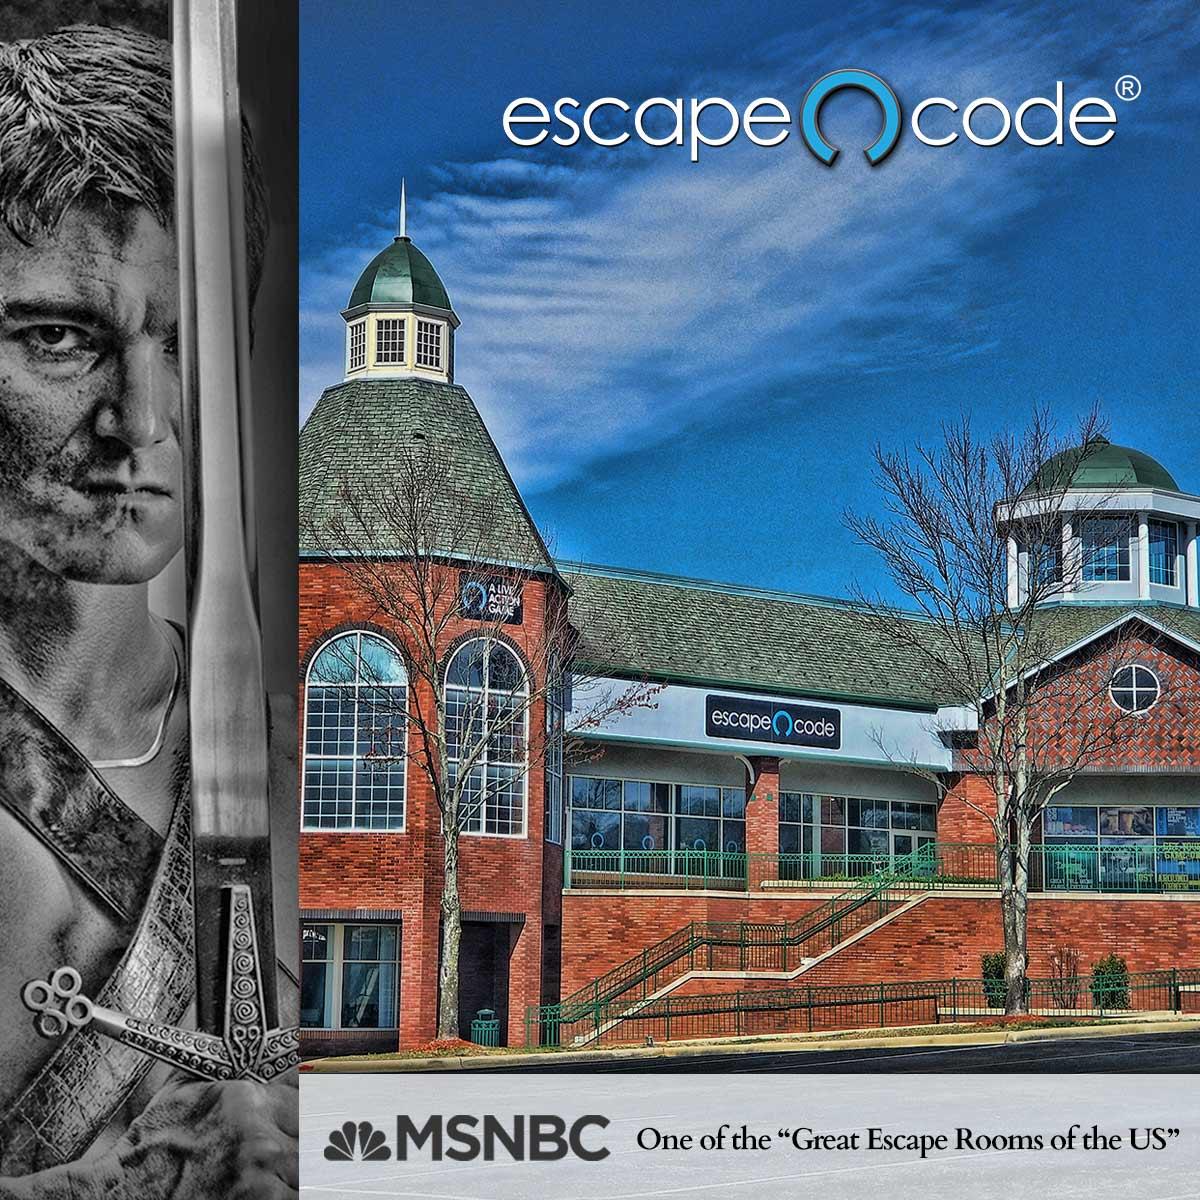 Escape Code Ad 1200x1200